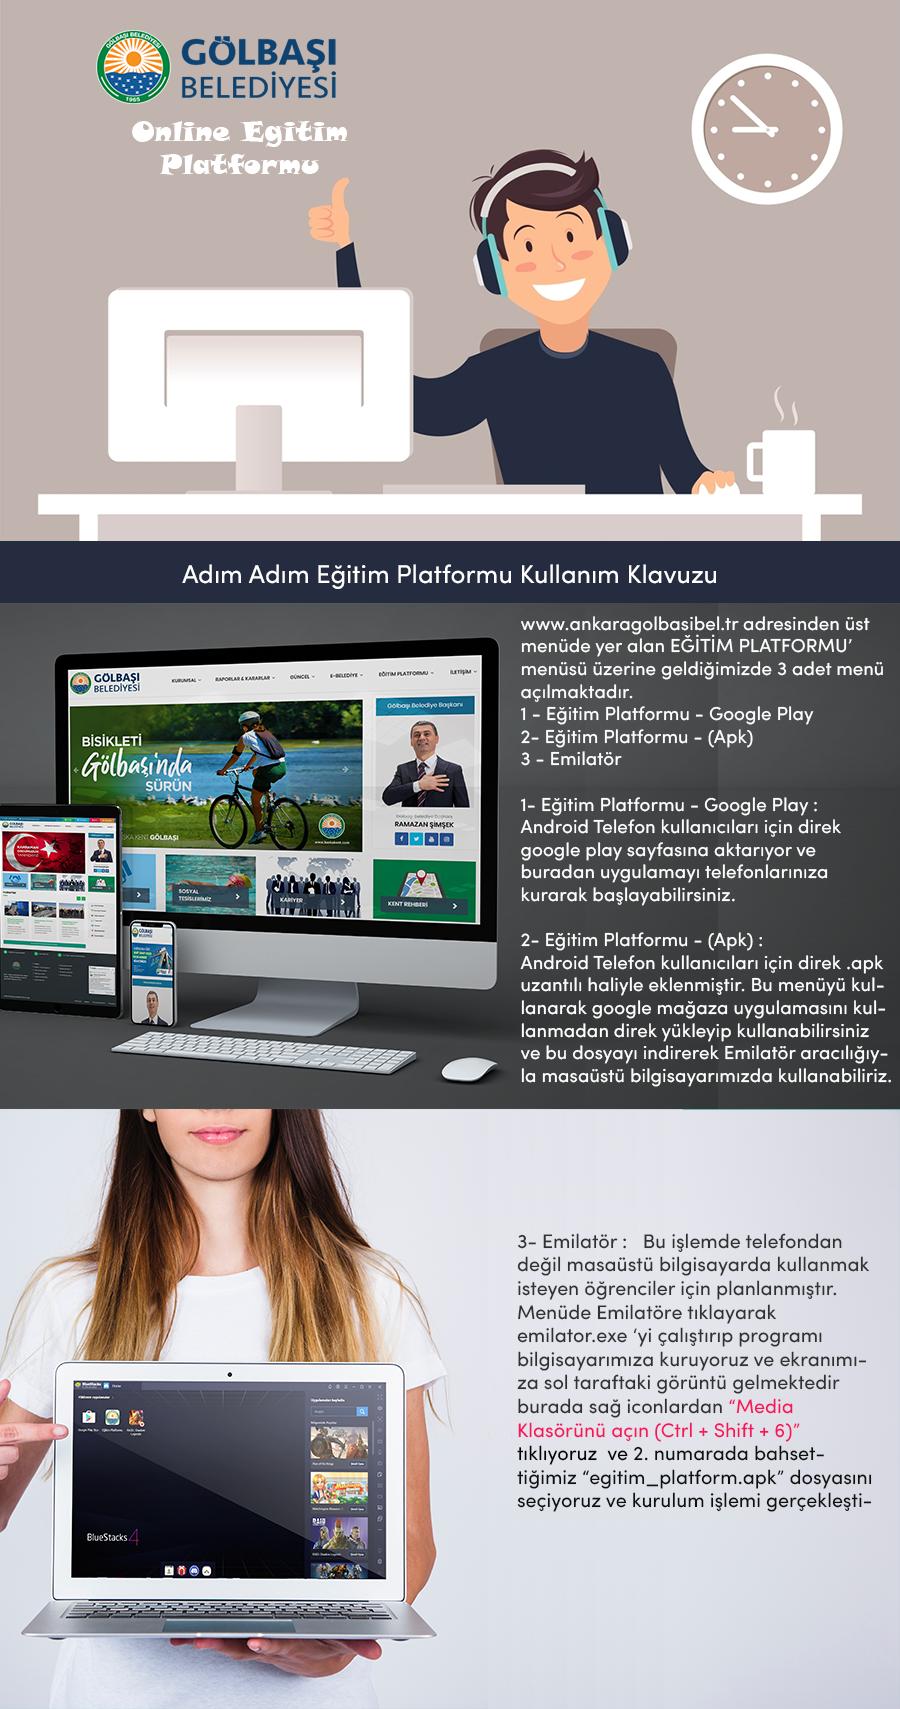 Eğitim Platformu  Nasıl Kullanılır